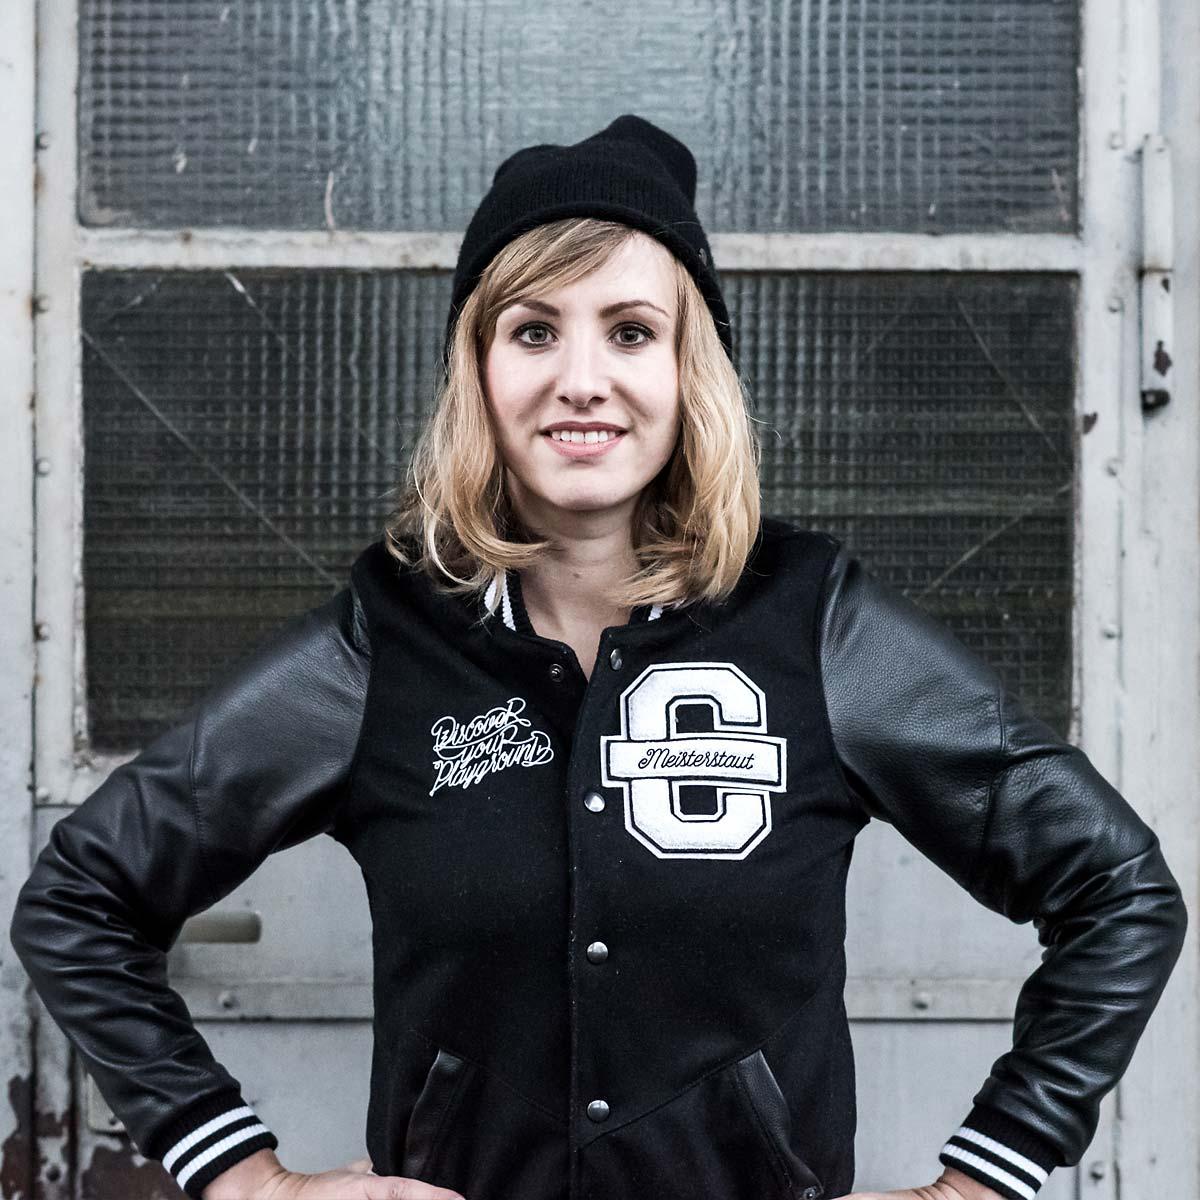 Anne Stautmeister, die Frau für Design Ping-Pong und kreative Ideen bei CROMATICS Dresden.